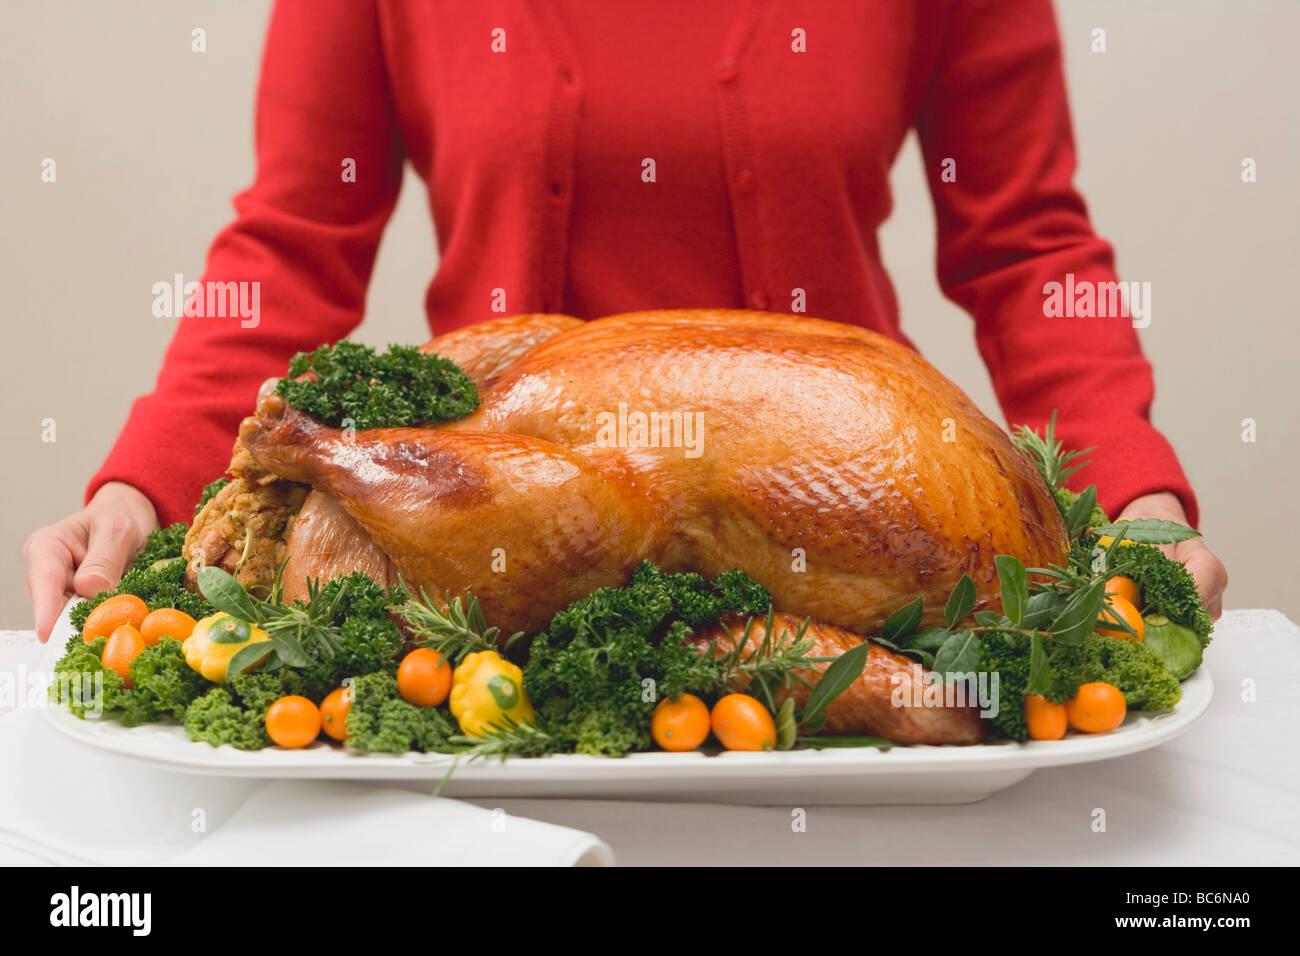 Groß Ein Truthahn Für Thanksgiving Malvorlagen Ideen - Malvorlagen ...